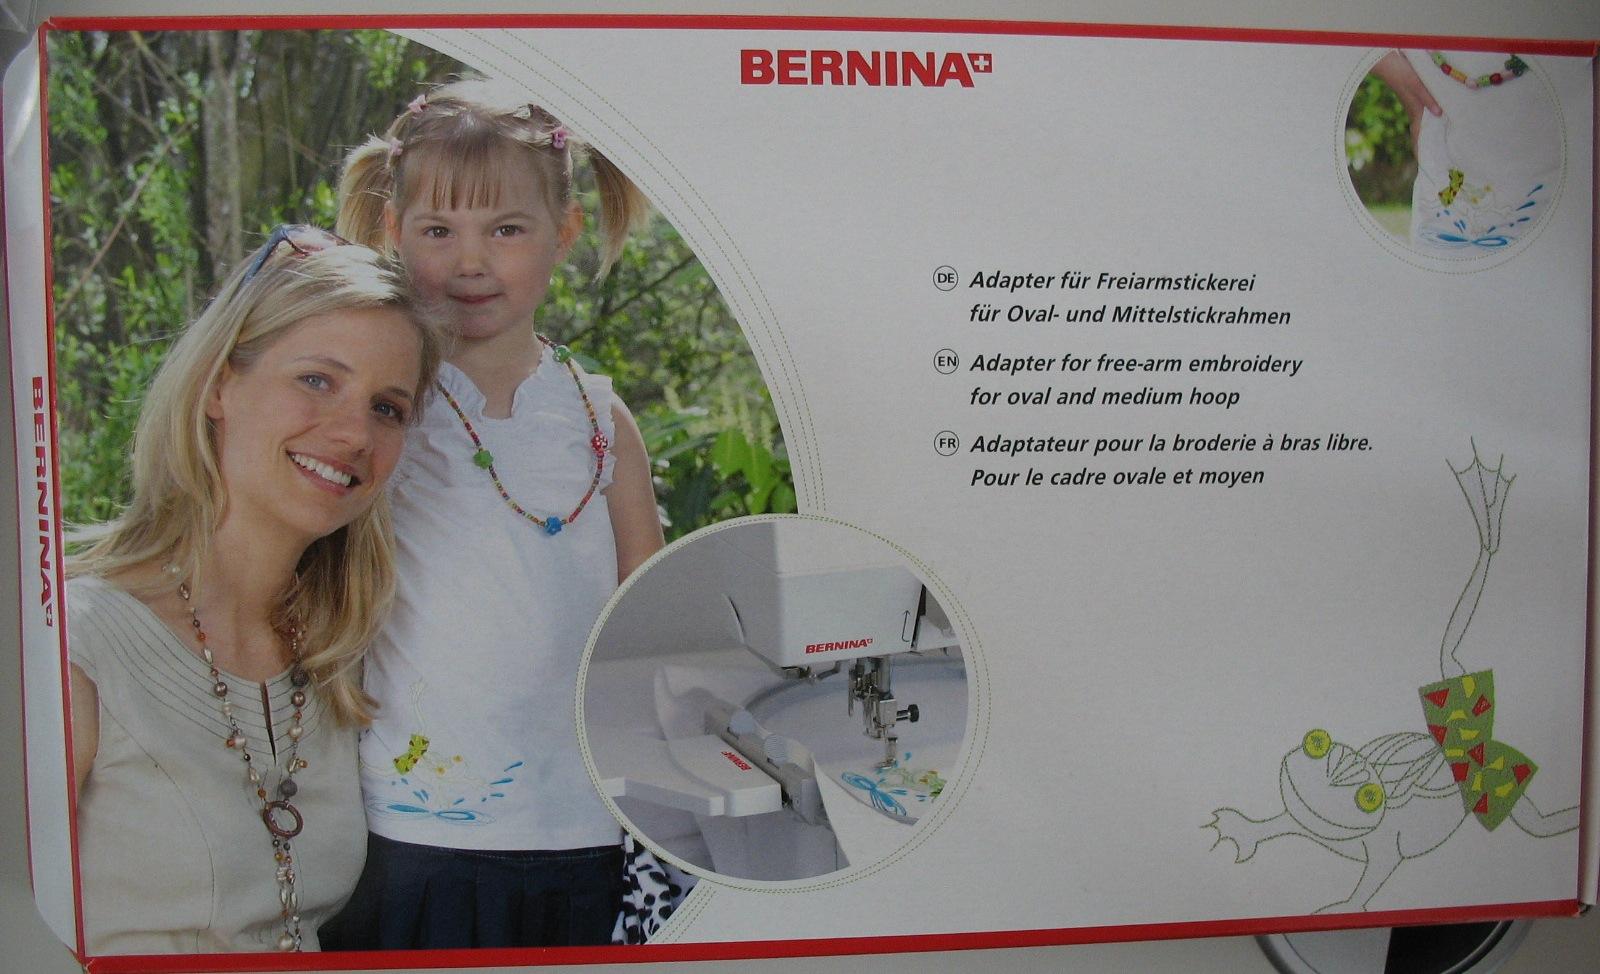 Bernina Freiarmadapter <i>Bild ULLA</i>